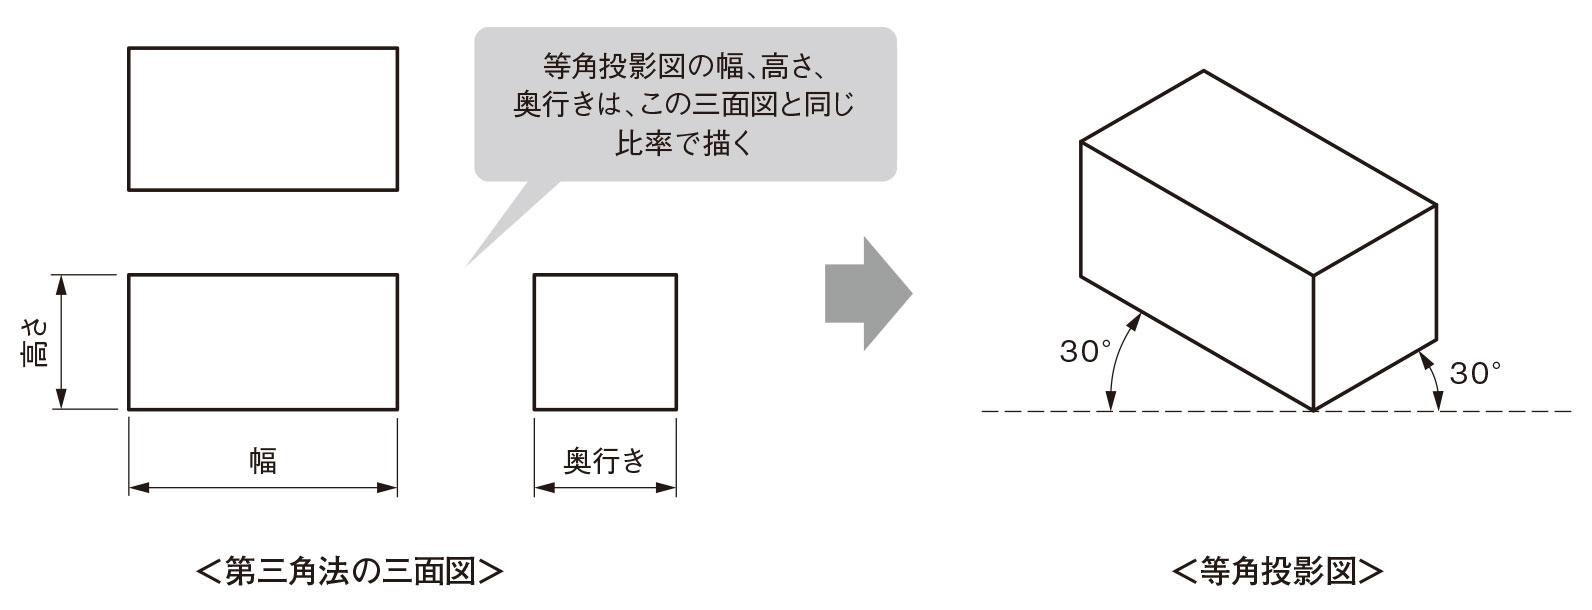 図1 三面図と等角投影図 等角投影図(アイソメトリック図)は左上・右上それぞれ30°方向の線と、垂直方向の線で描く。(出所:西村仁)